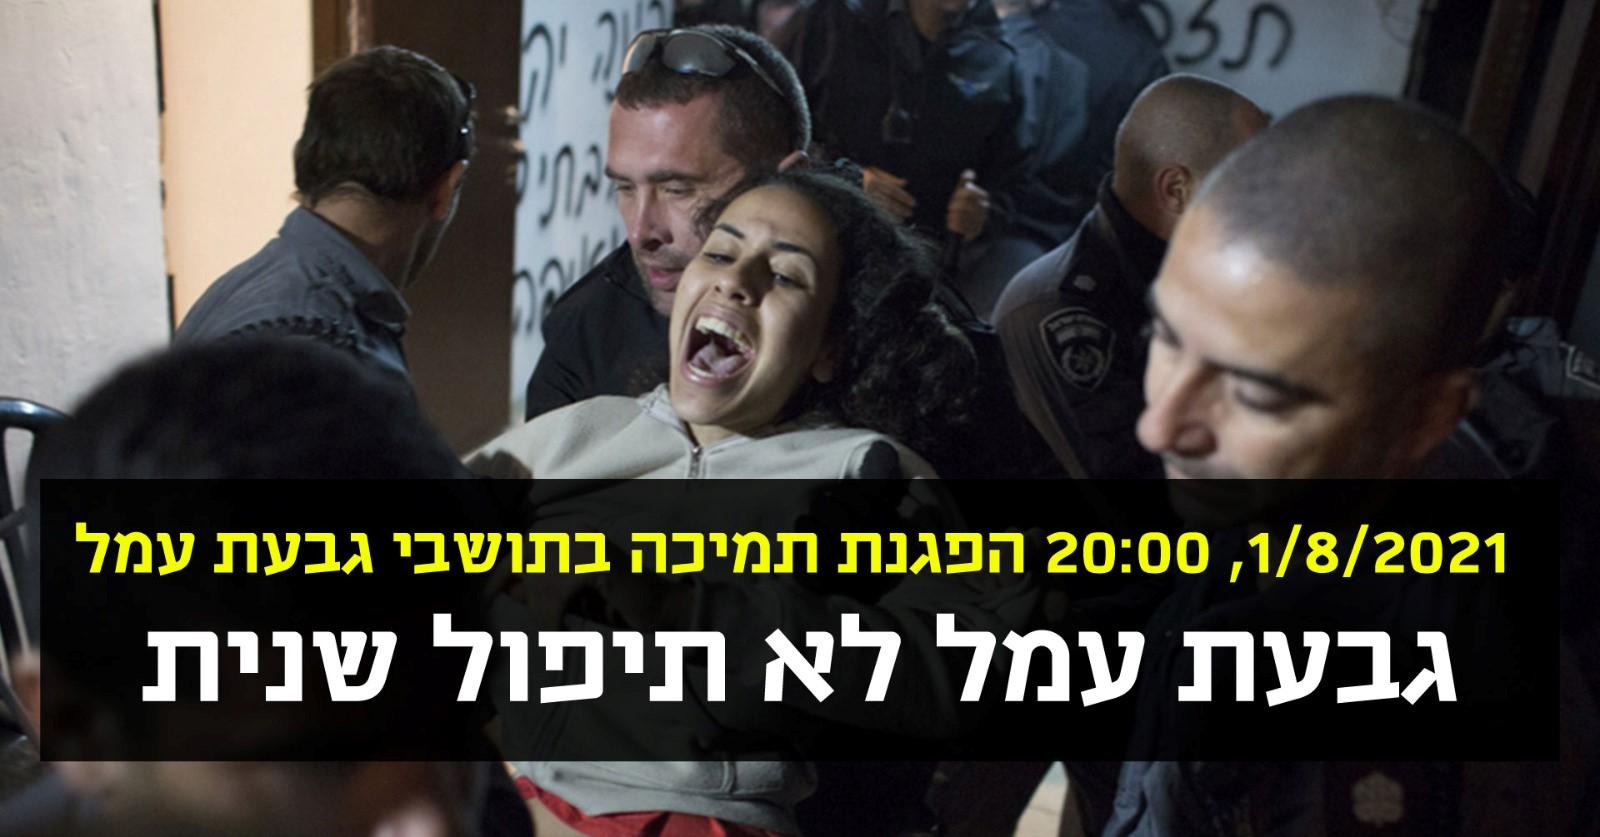 גבעת עמל לא תיפול שנית: תושבים ופעילים חברתיים יפגינו נגד הפינוי המתוכנן